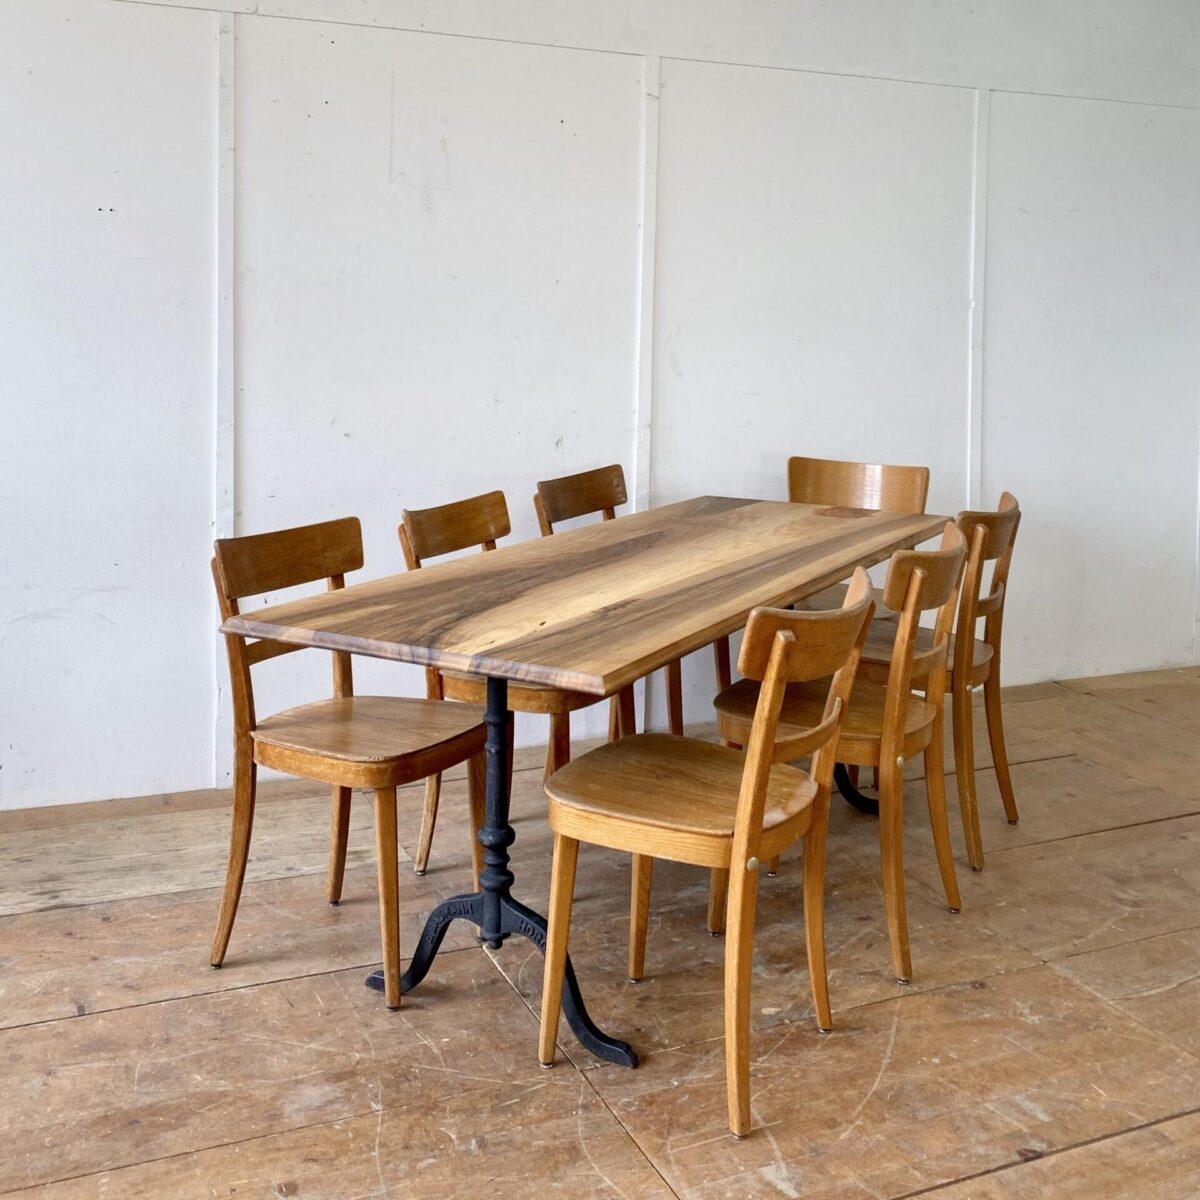 Deuxieme.shop antiker Horgenglarus Nussbaumtisch. Alter Nussbaum Beizentisch mit Emil Baumann Gussfüssen. 200x76cm Höhe 74cm. Tischblatt mit Profilkante, die einzelnen Bretter sind teilweise Keil förmig. Holzoberflächen mit Naturöl behandelt. Die Unterzüge der Tischplatte sind erneuert. Gussfüsse sind verschiedene wählbar.